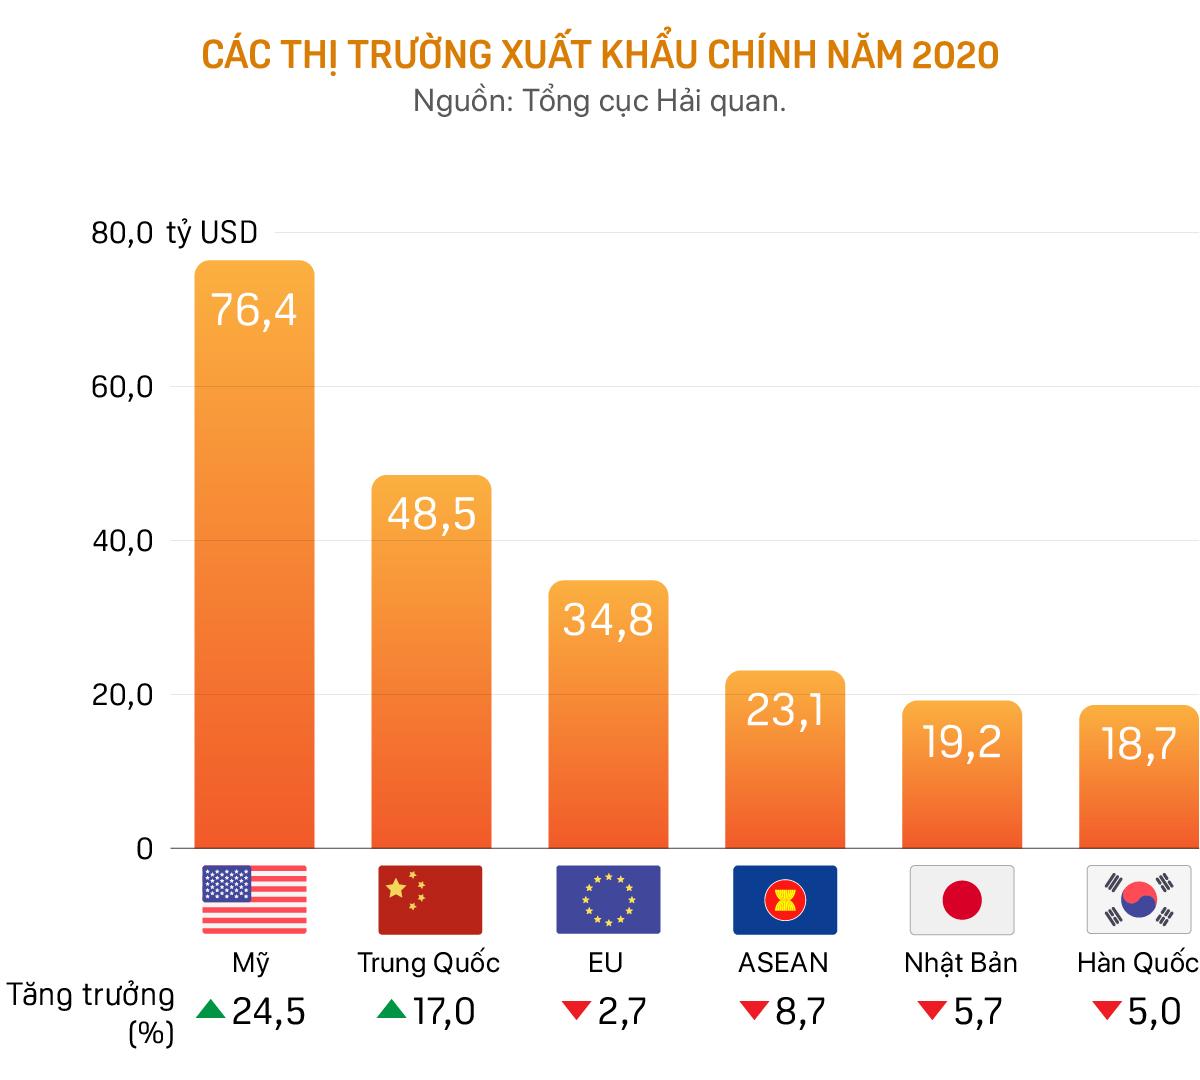 Vì sao Việt Nam vẫn xuất siêu kỷ lục bất chấp dịch COVID-19? - Ảnh 3.